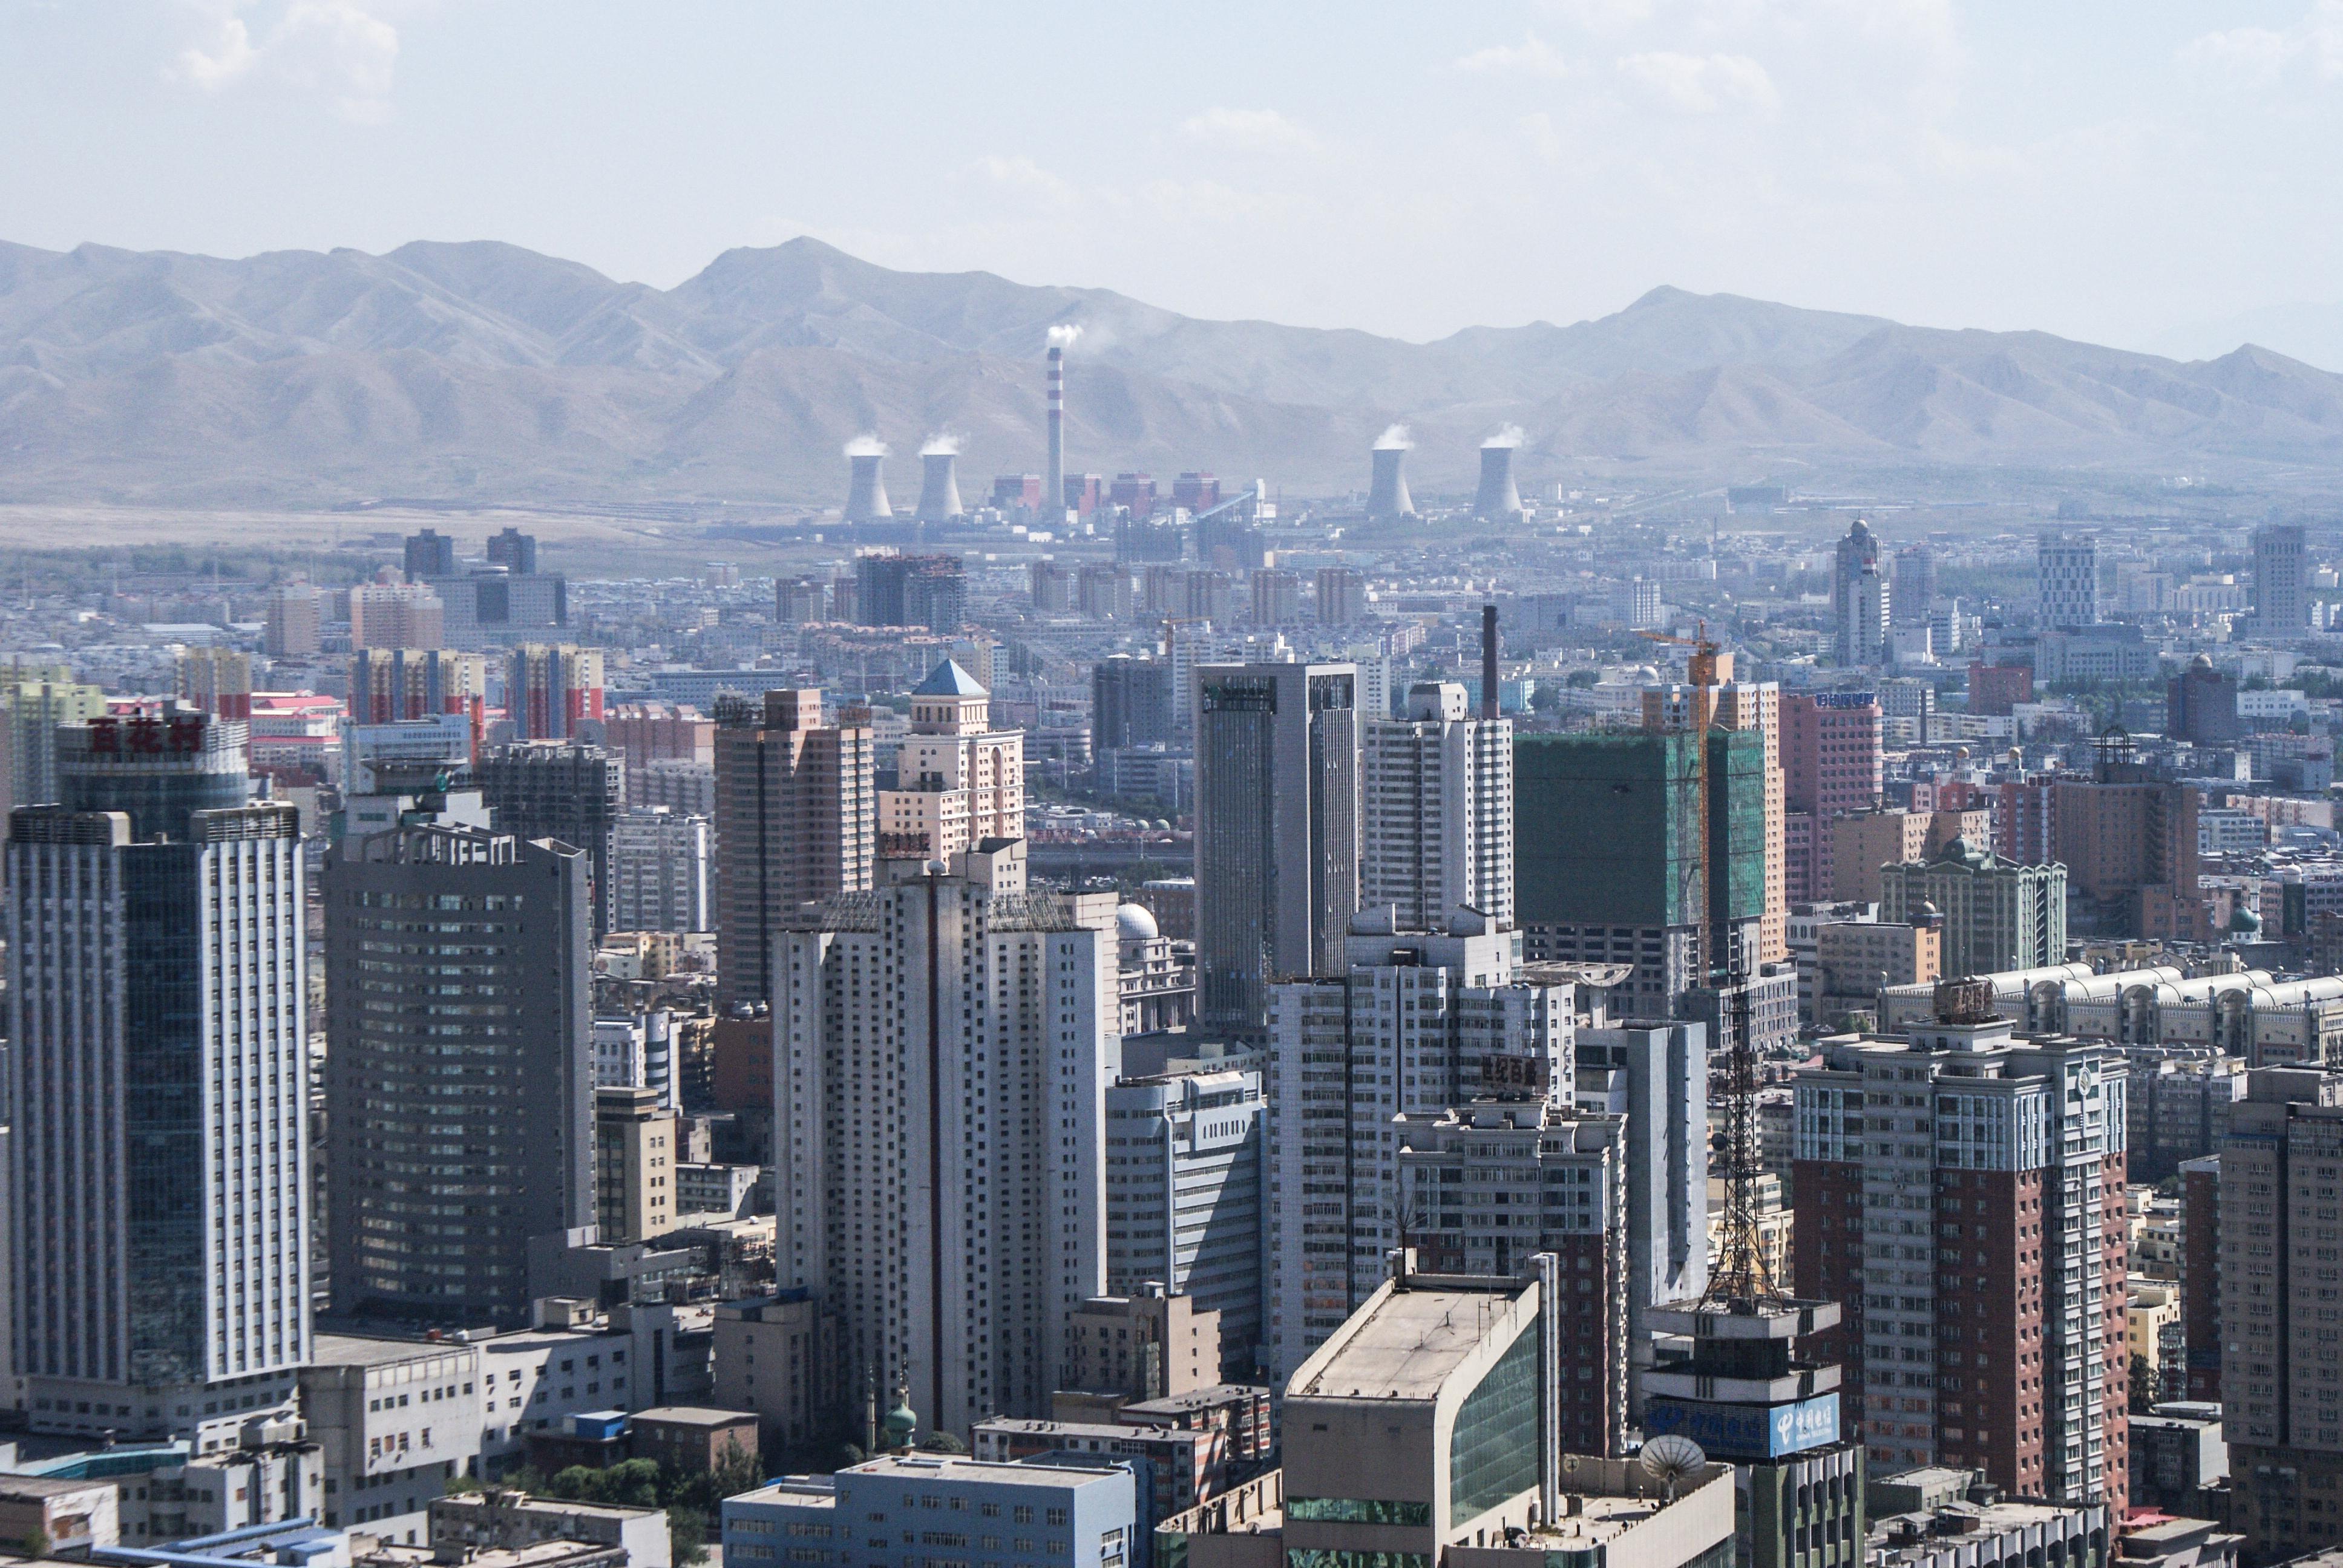 Смотреть фото достопримечательности города урумчи